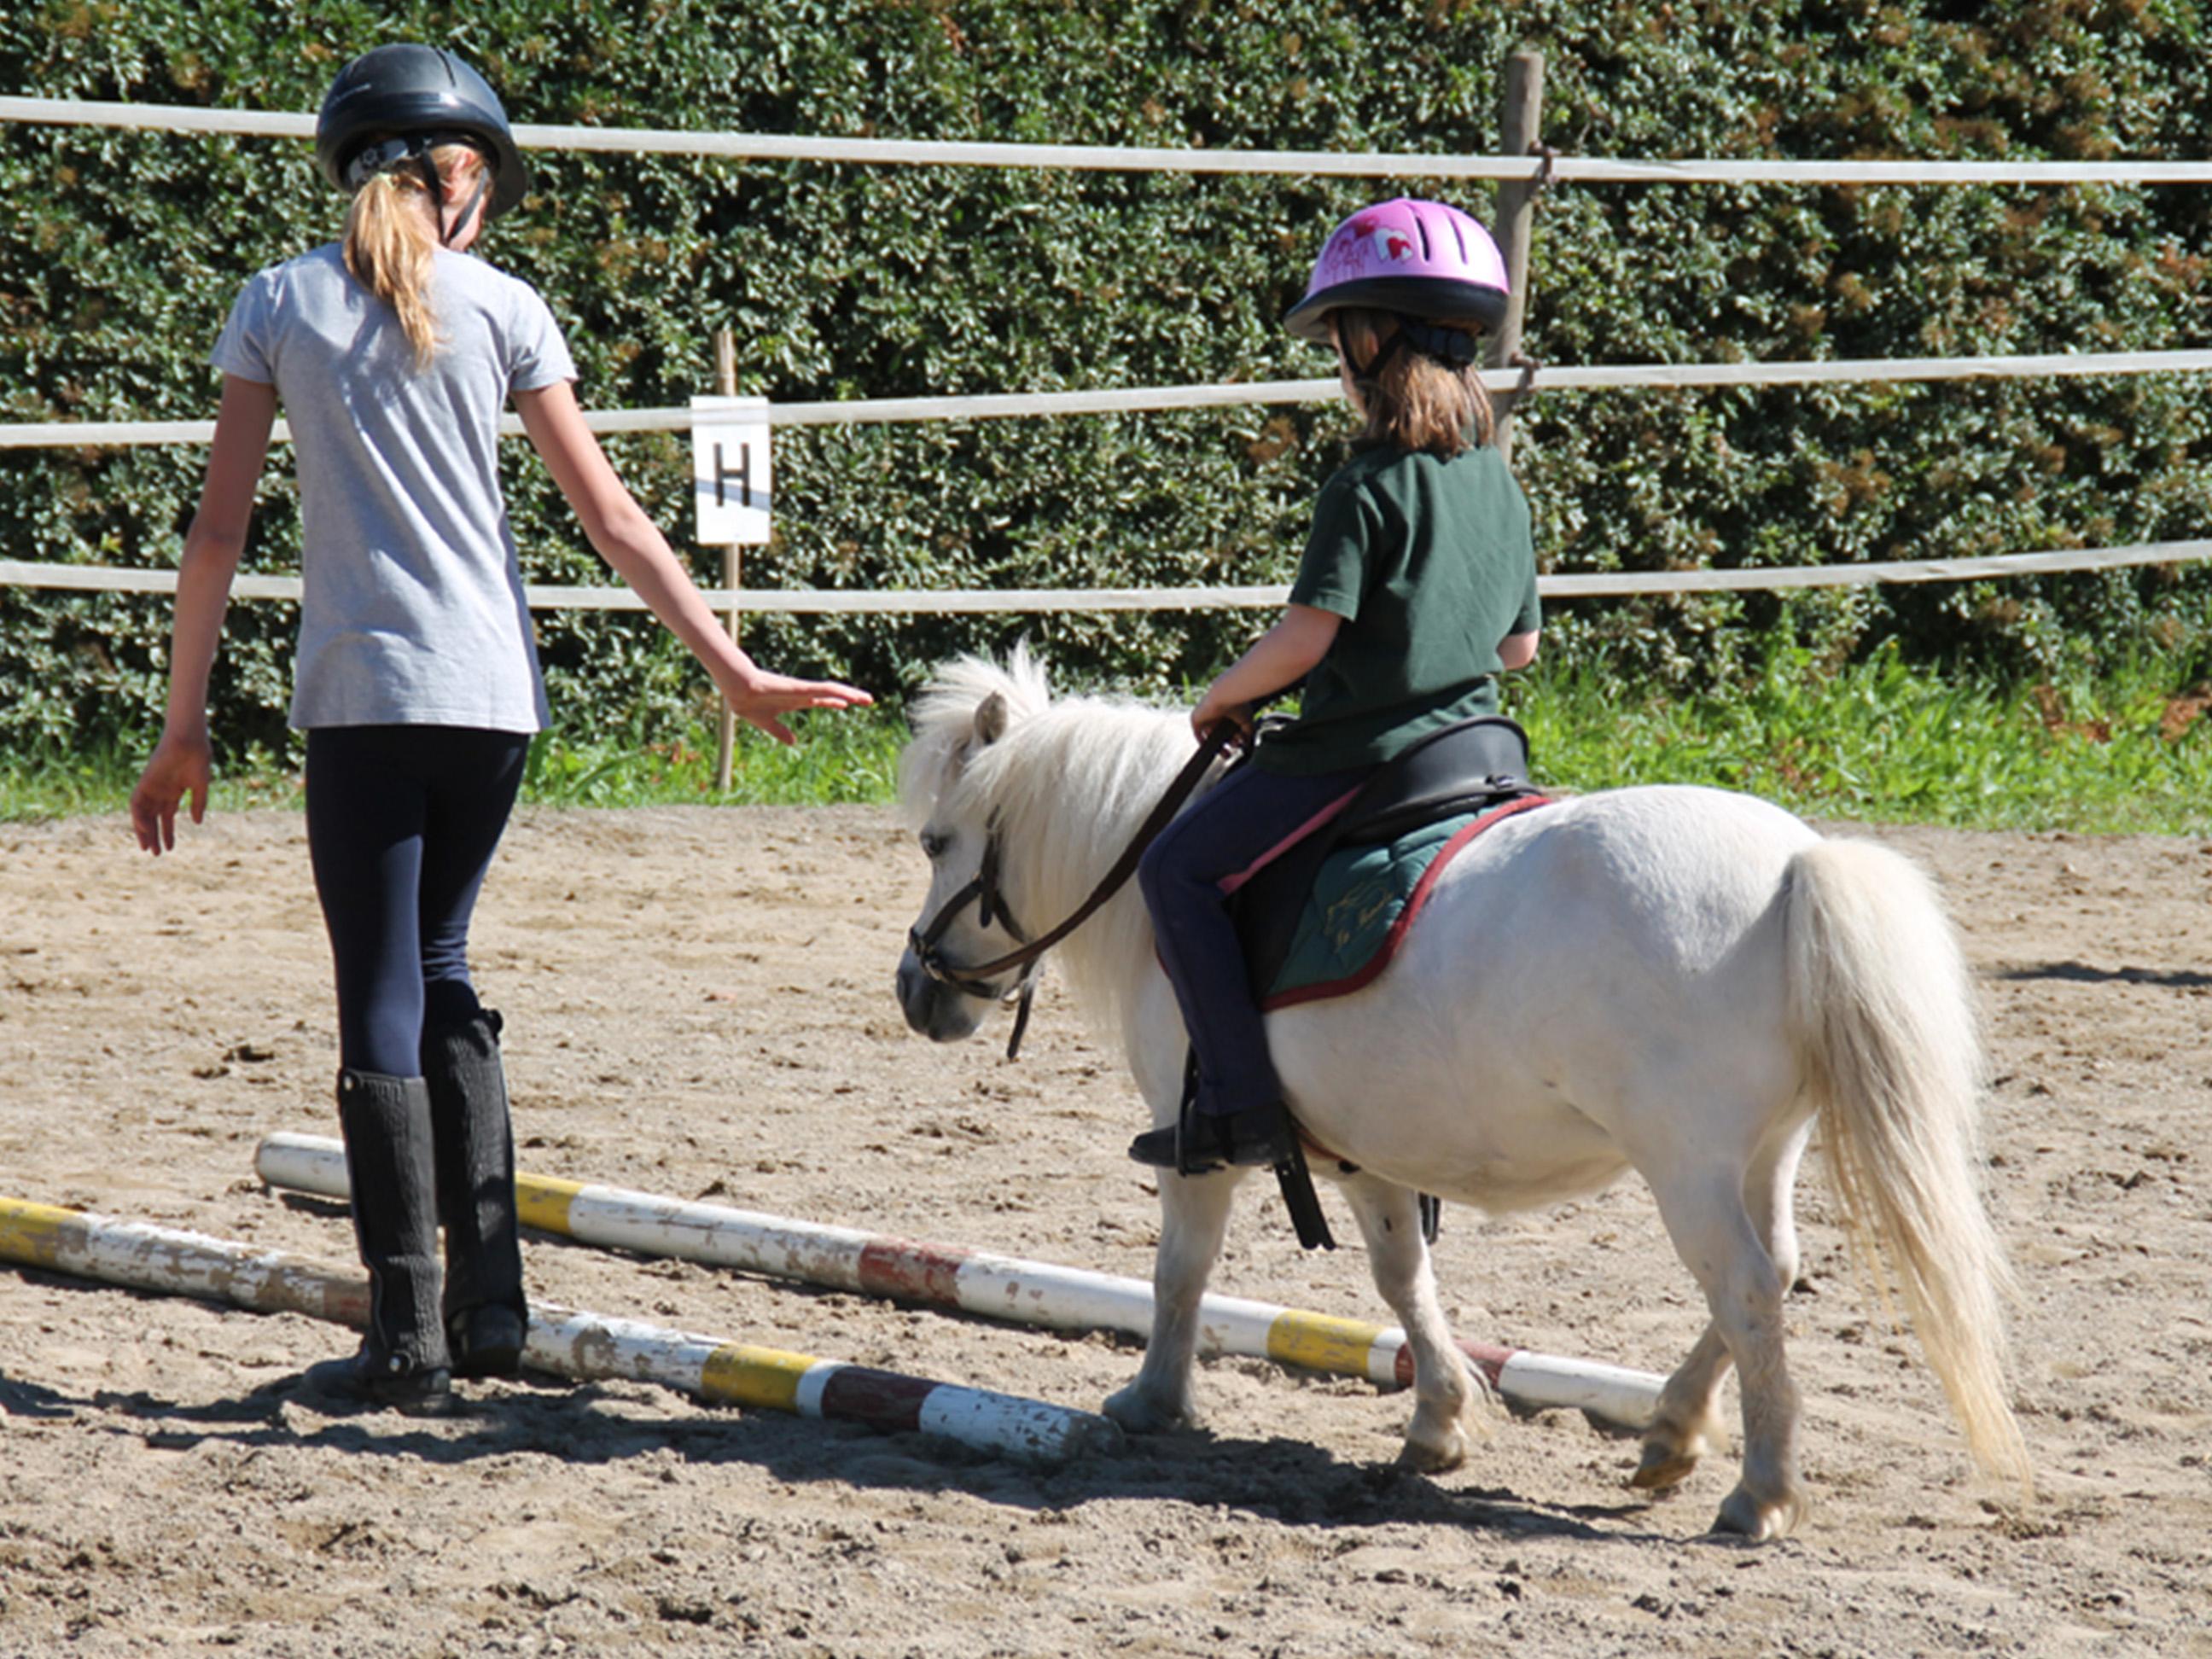 scuola_equitazione_pony_centro_ippico_la_fonda_varese_0008_405